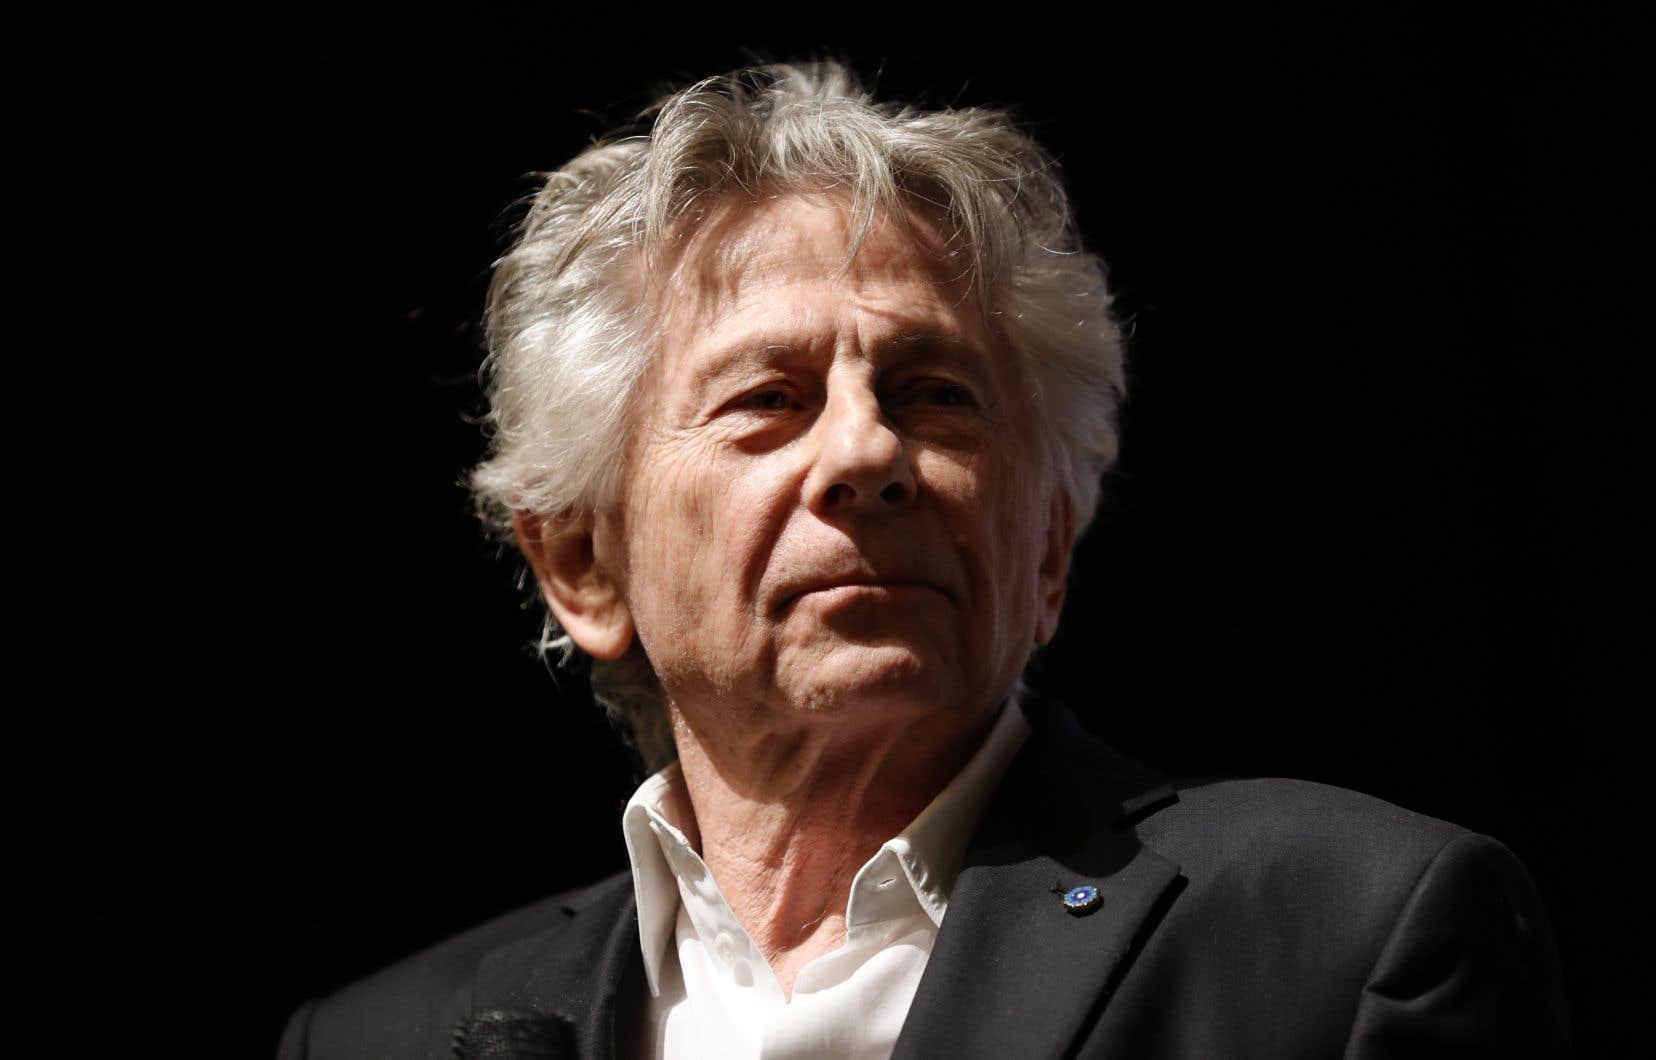 Roman Polanski est visé par une nouvelle accusation de viol de la Française Valentine Monnier, qu'il conteste.